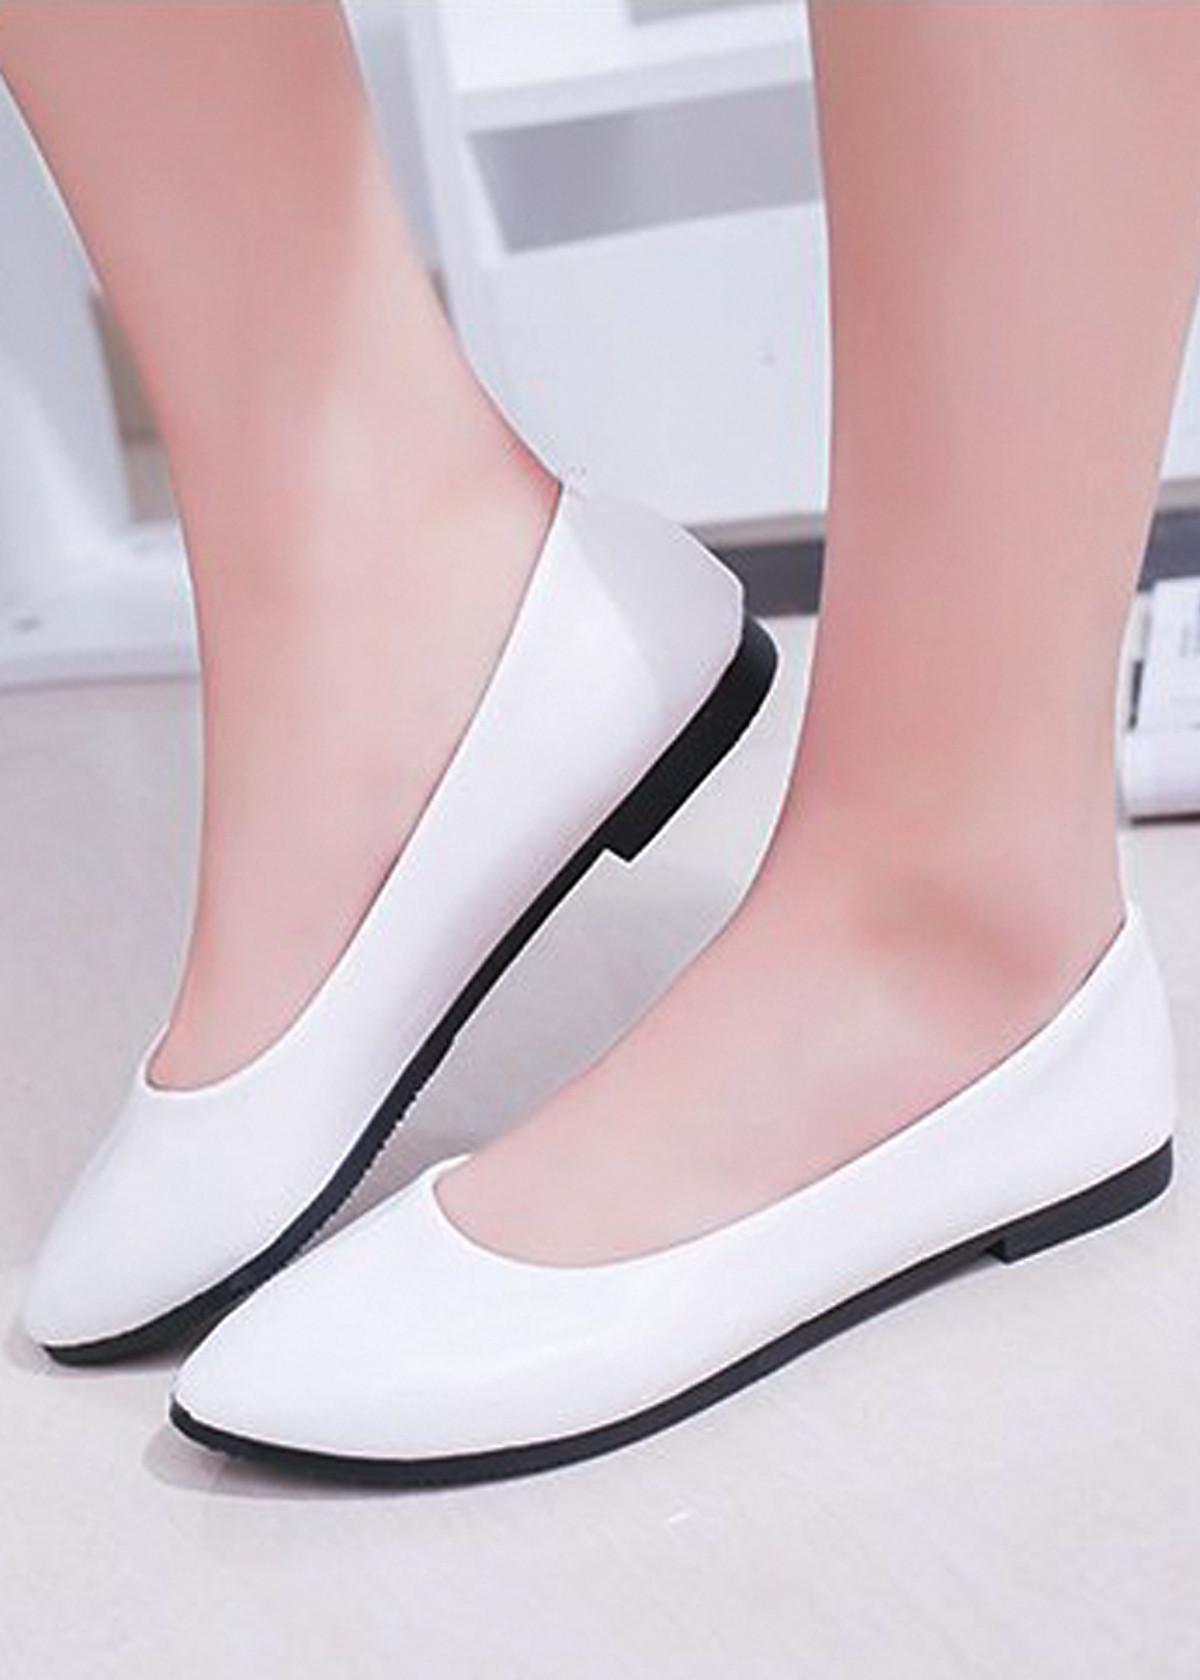 Giày búp bê da bóng mềm không đau chân , dáng chuẩn 96309 50